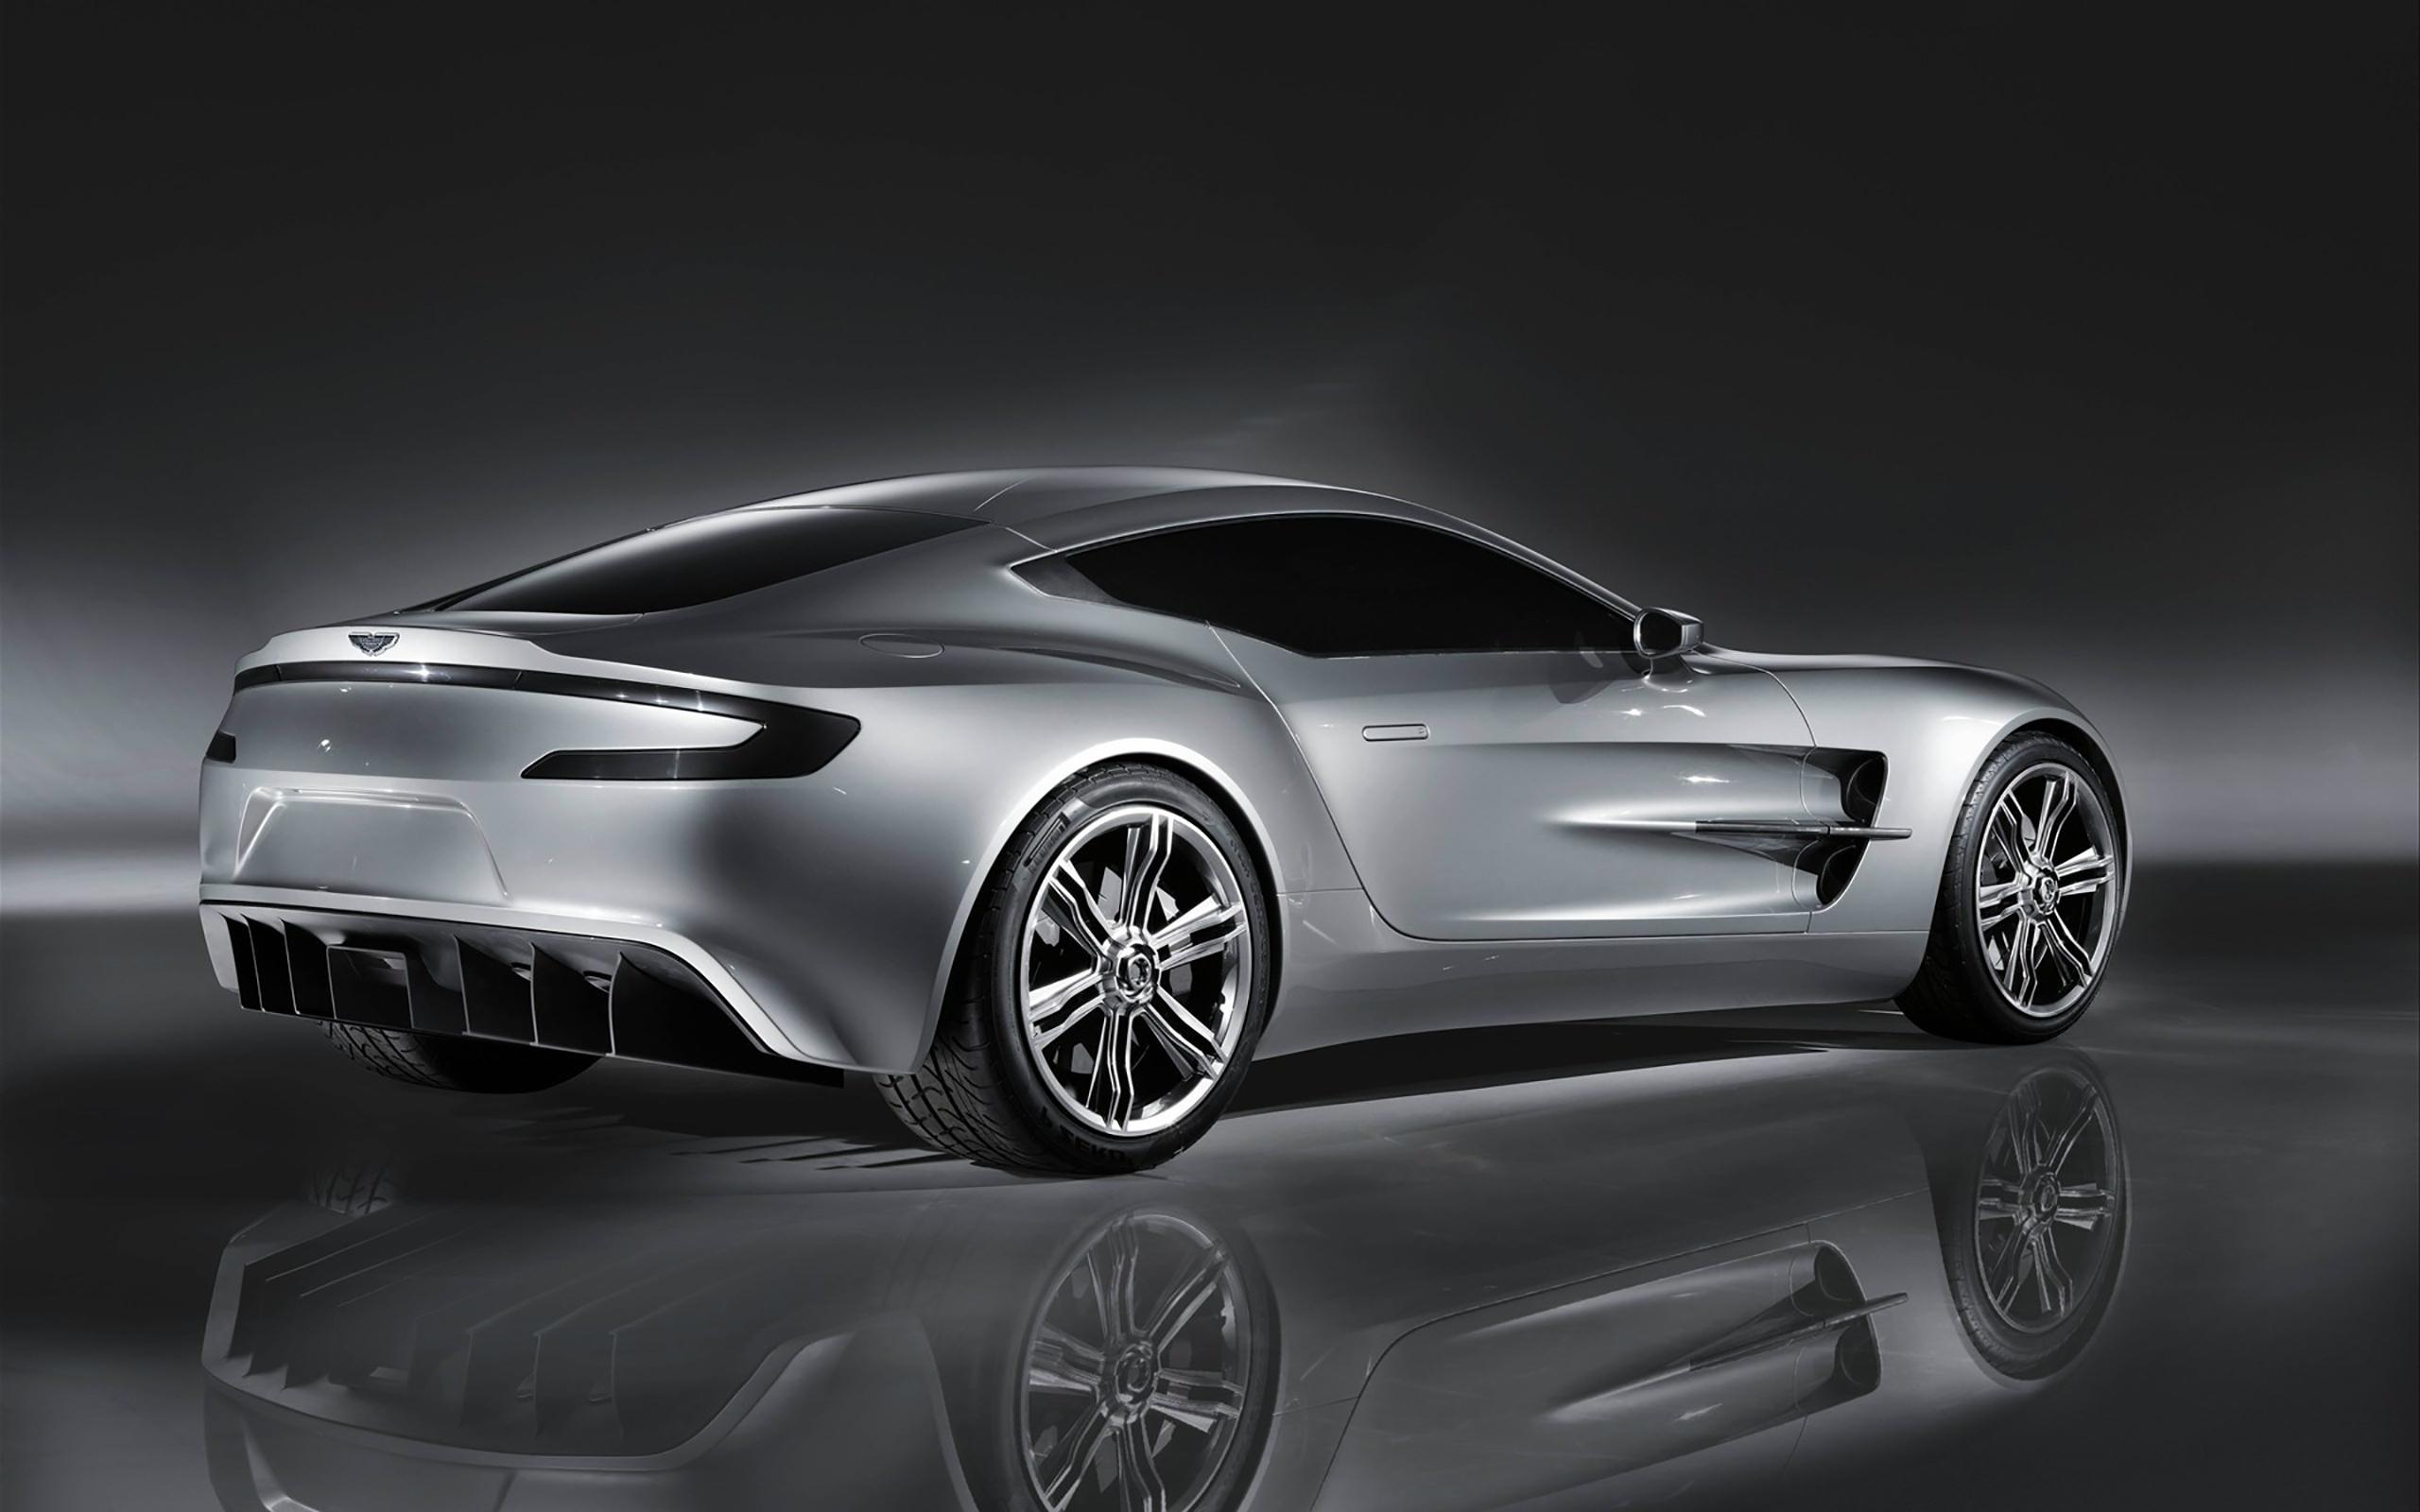 Aston Martin One 77 Concept Car 2560x1600